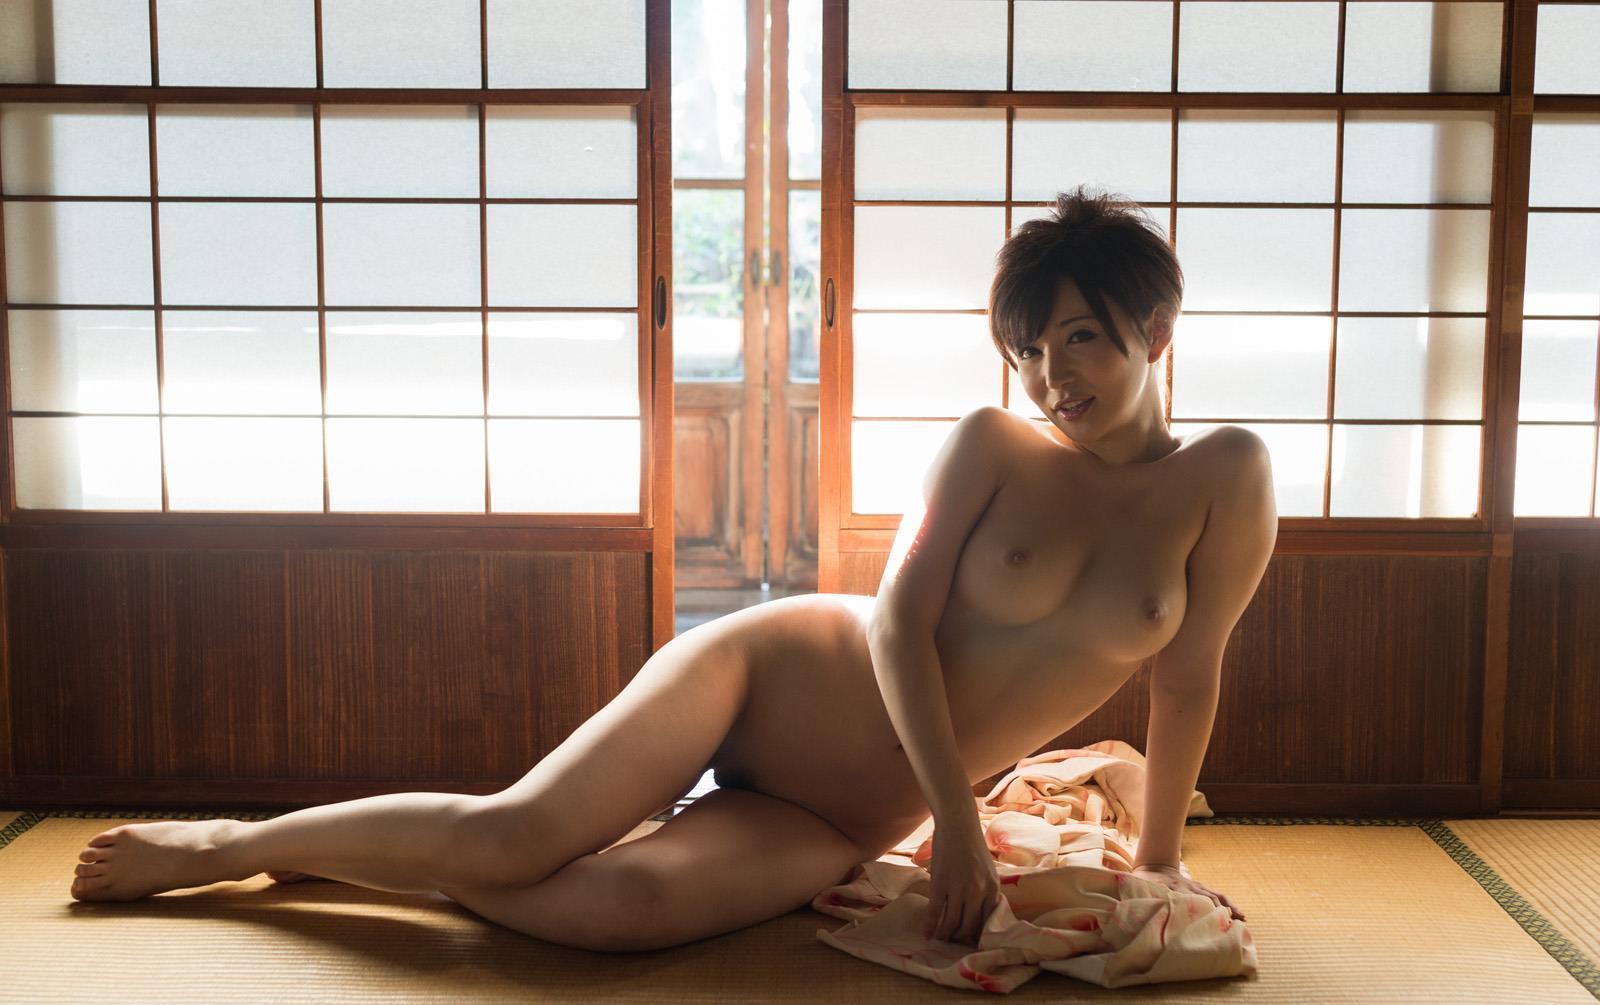 里美ゆりあ(小泉彩) 画像 82